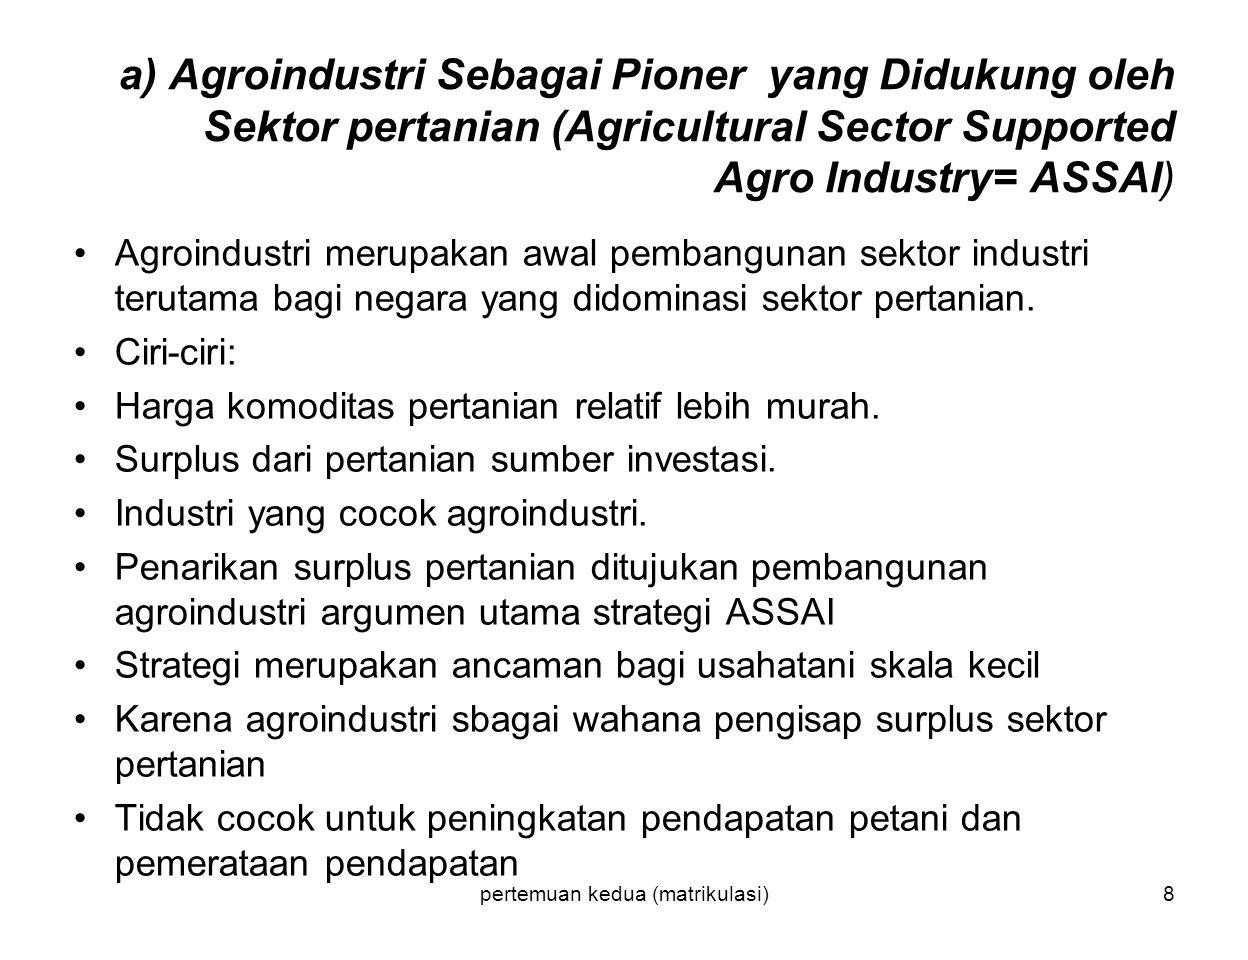 pertemuan kedua (matrikulasi)8 a) Agroindustri Sebagai Pioner yang Didukung oleh Sektor pertanian (Agricultural Sector Supported Agro Industry= ASSAI)